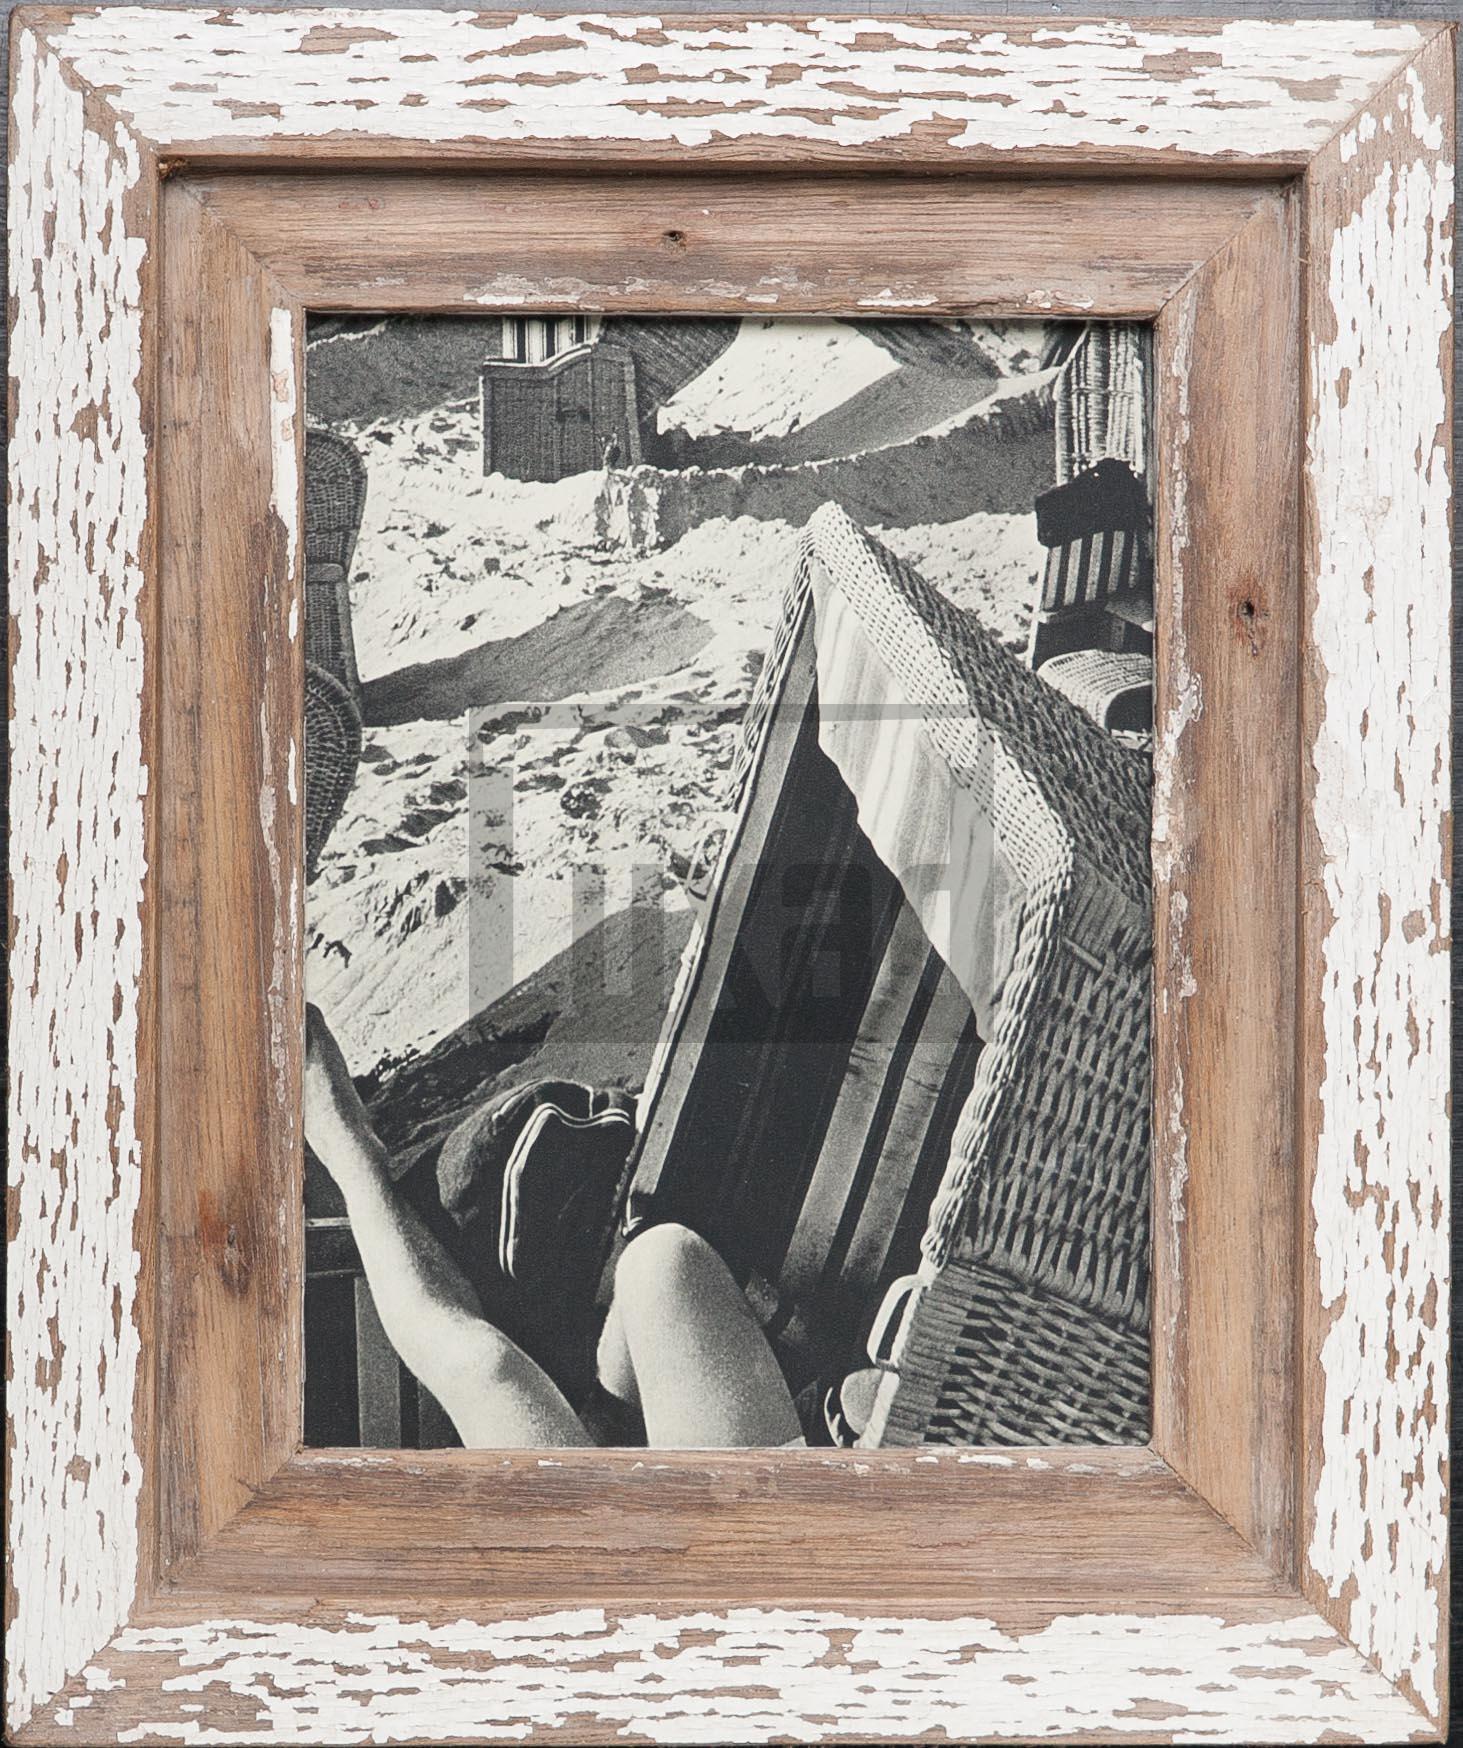 Bilderrahmen aus Recyclingholz für die Bildgröße 15 x 20 cm